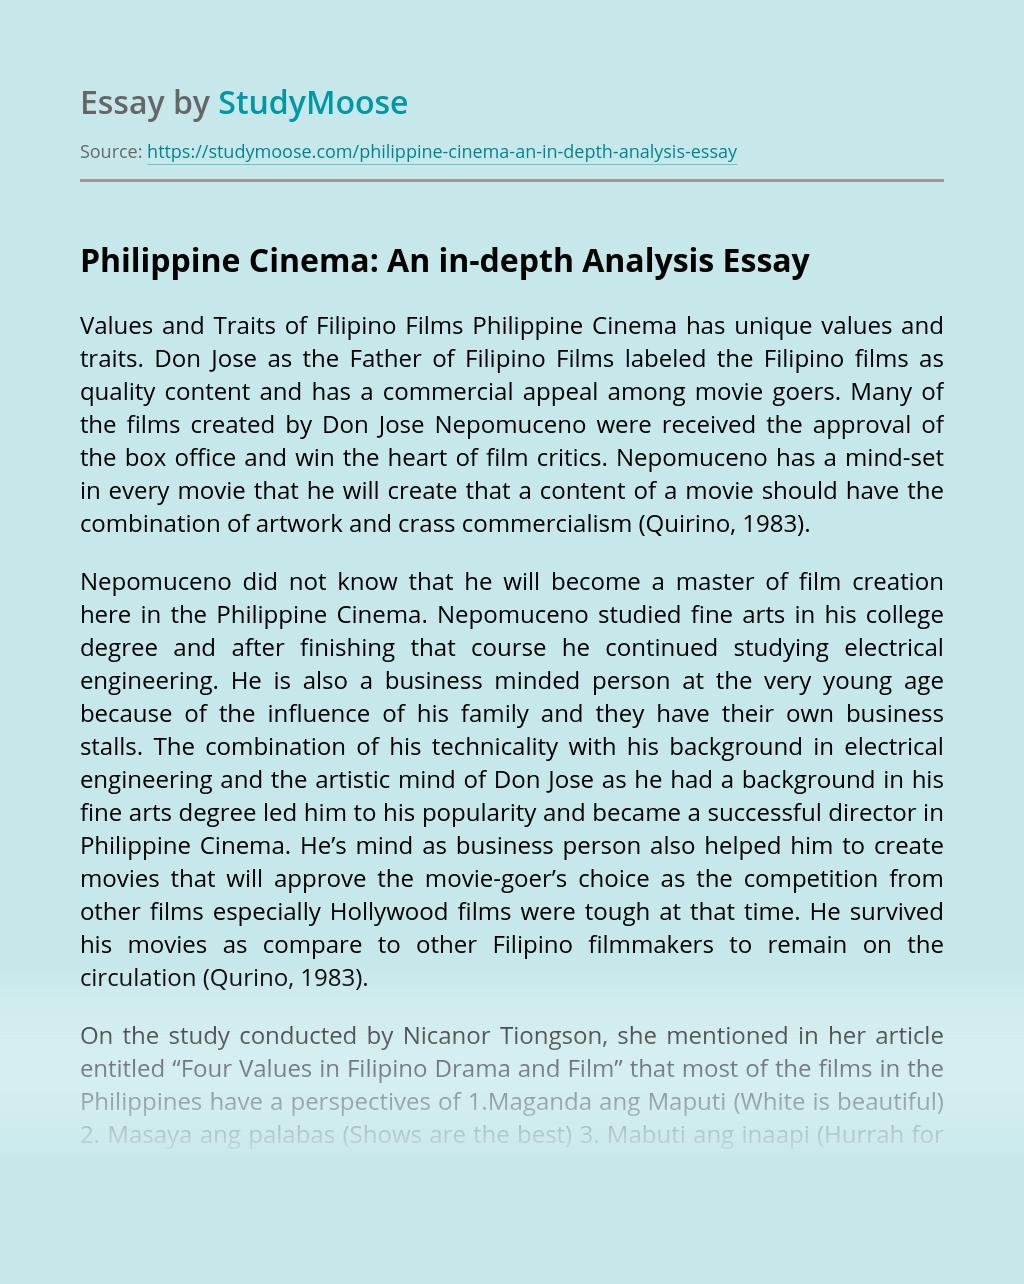 Philippine Cinema: An in-depth Analysis